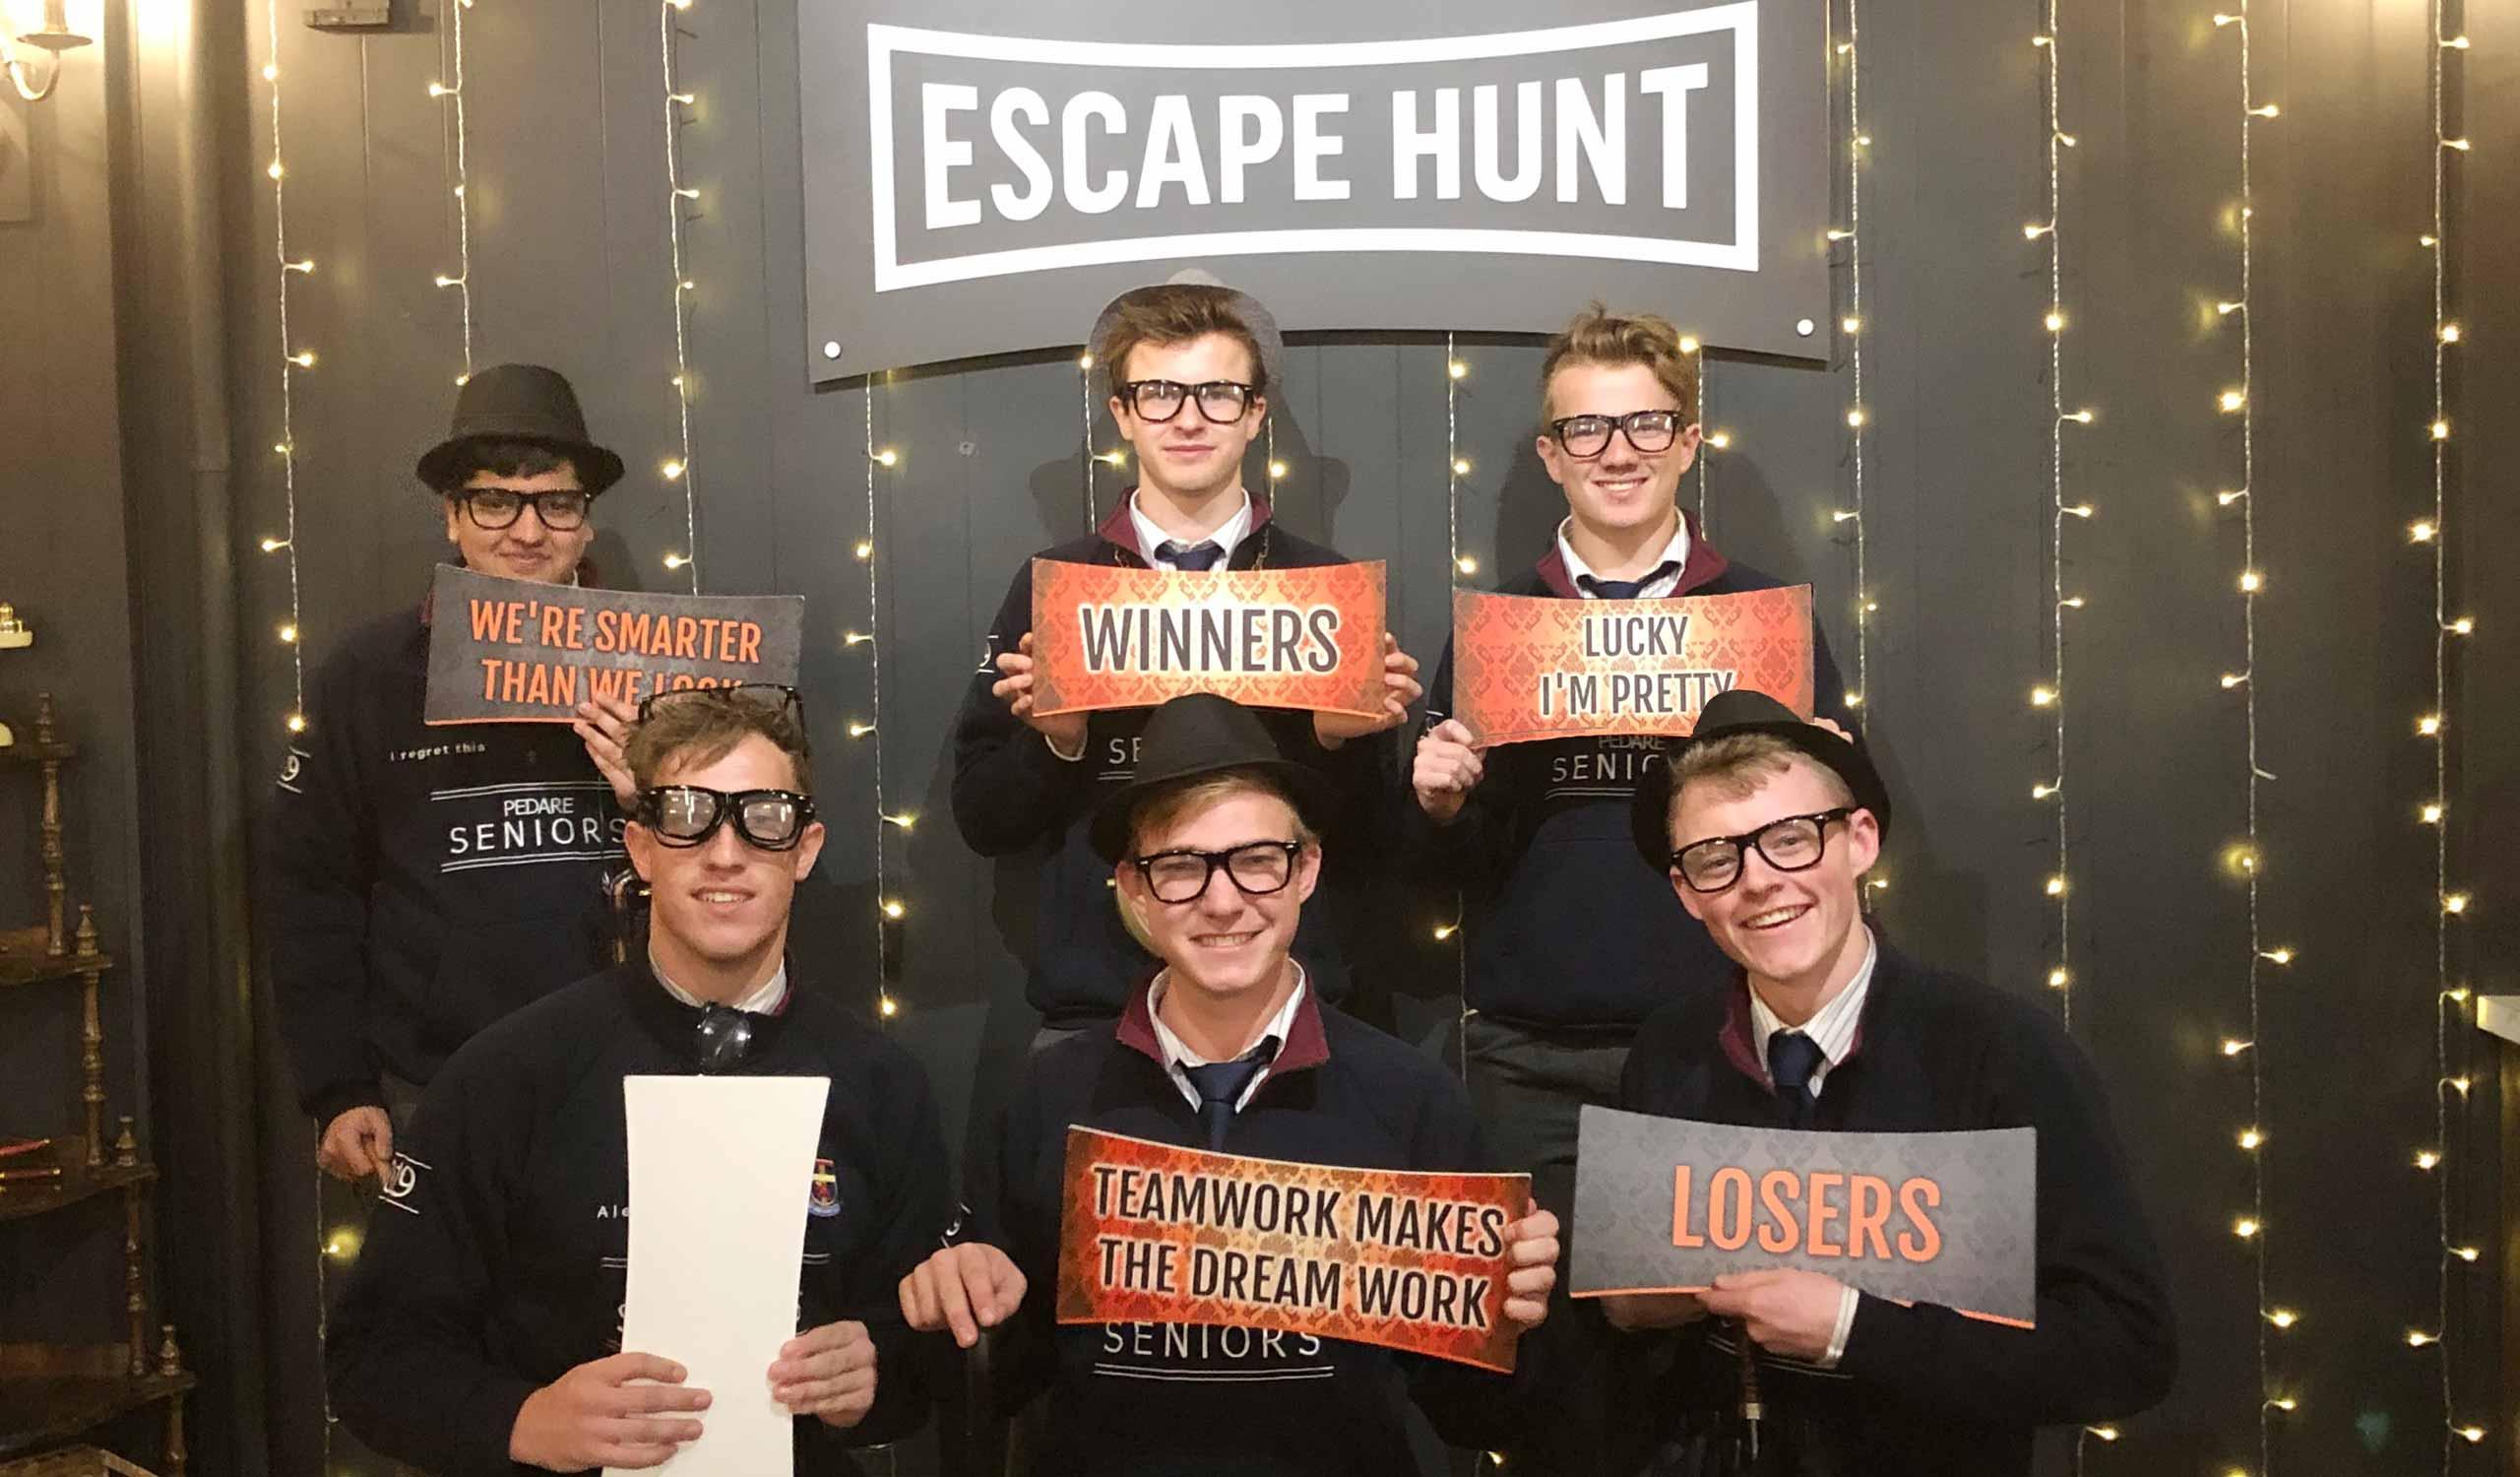 Escape-Hunt